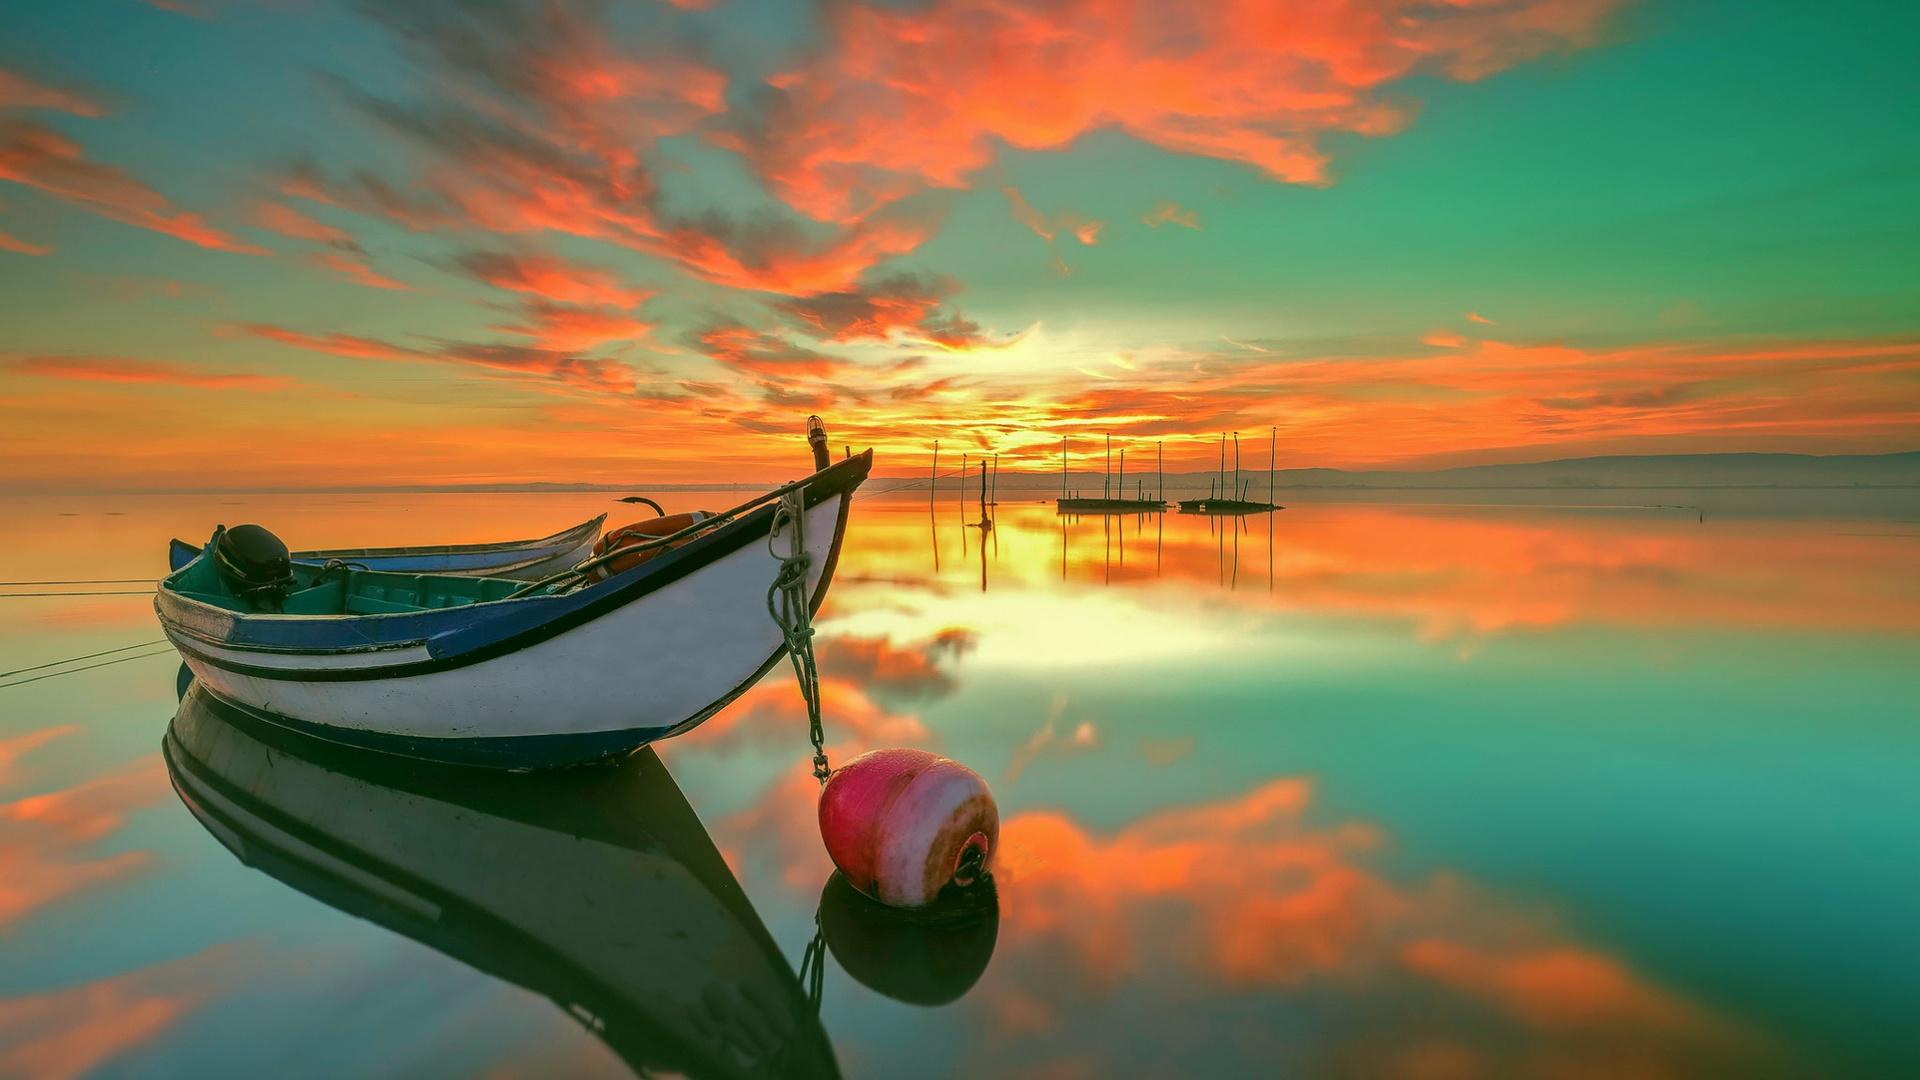 лодка, заря, море